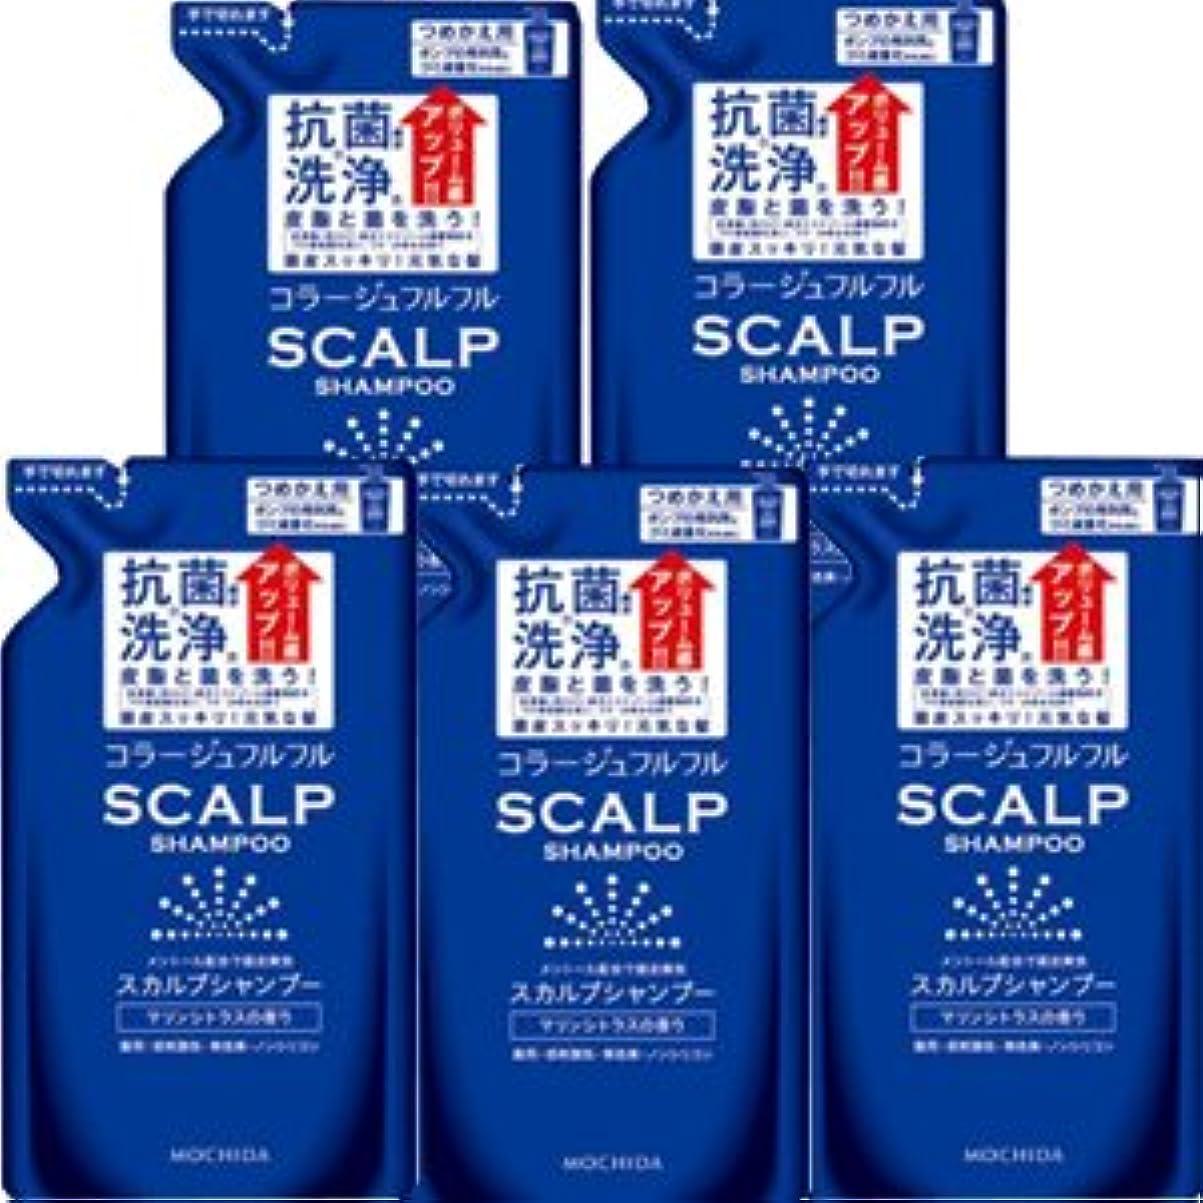 老朽化した二度してはいけない【詰替え5個】 コラージュフルフル スカルプシャンプーマリンシトラスの香り 詰替え260mlx5個(4987767660462)